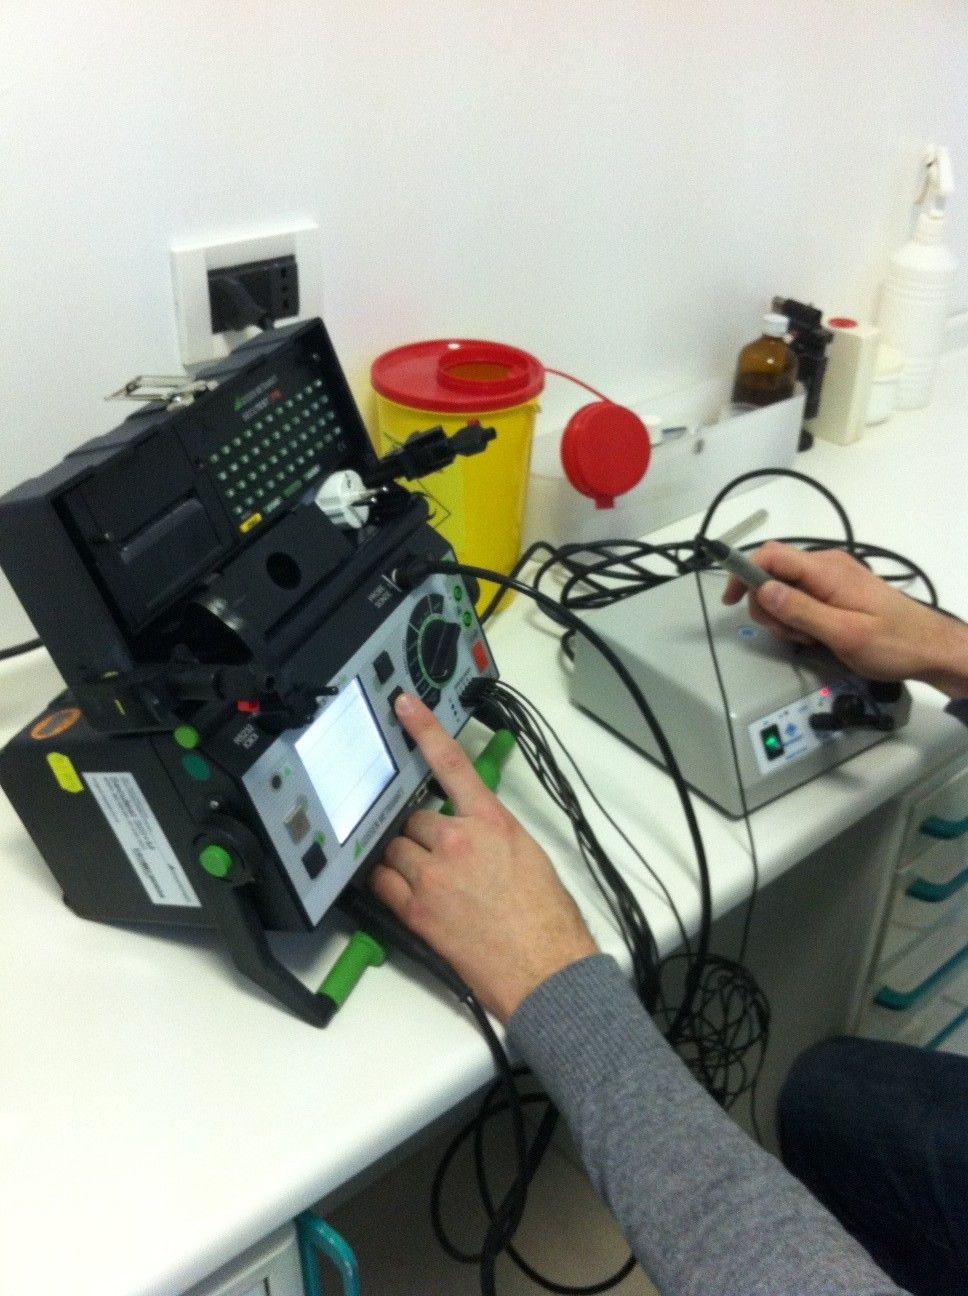 progettazione impianti elettrici e fotovoltaici verifiche impianto elettrico studi medici sicurezza delle apparecchiature elettromedicali 4